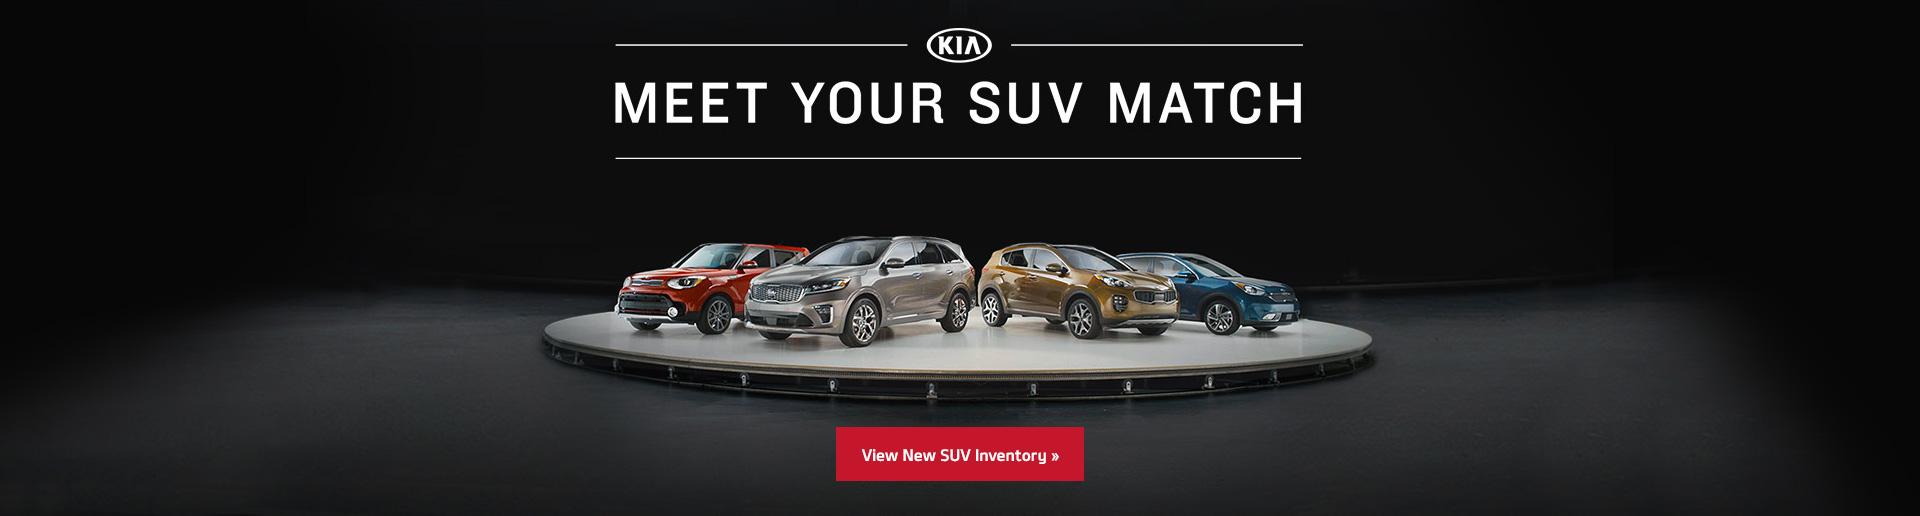 Meet Your SUV Match